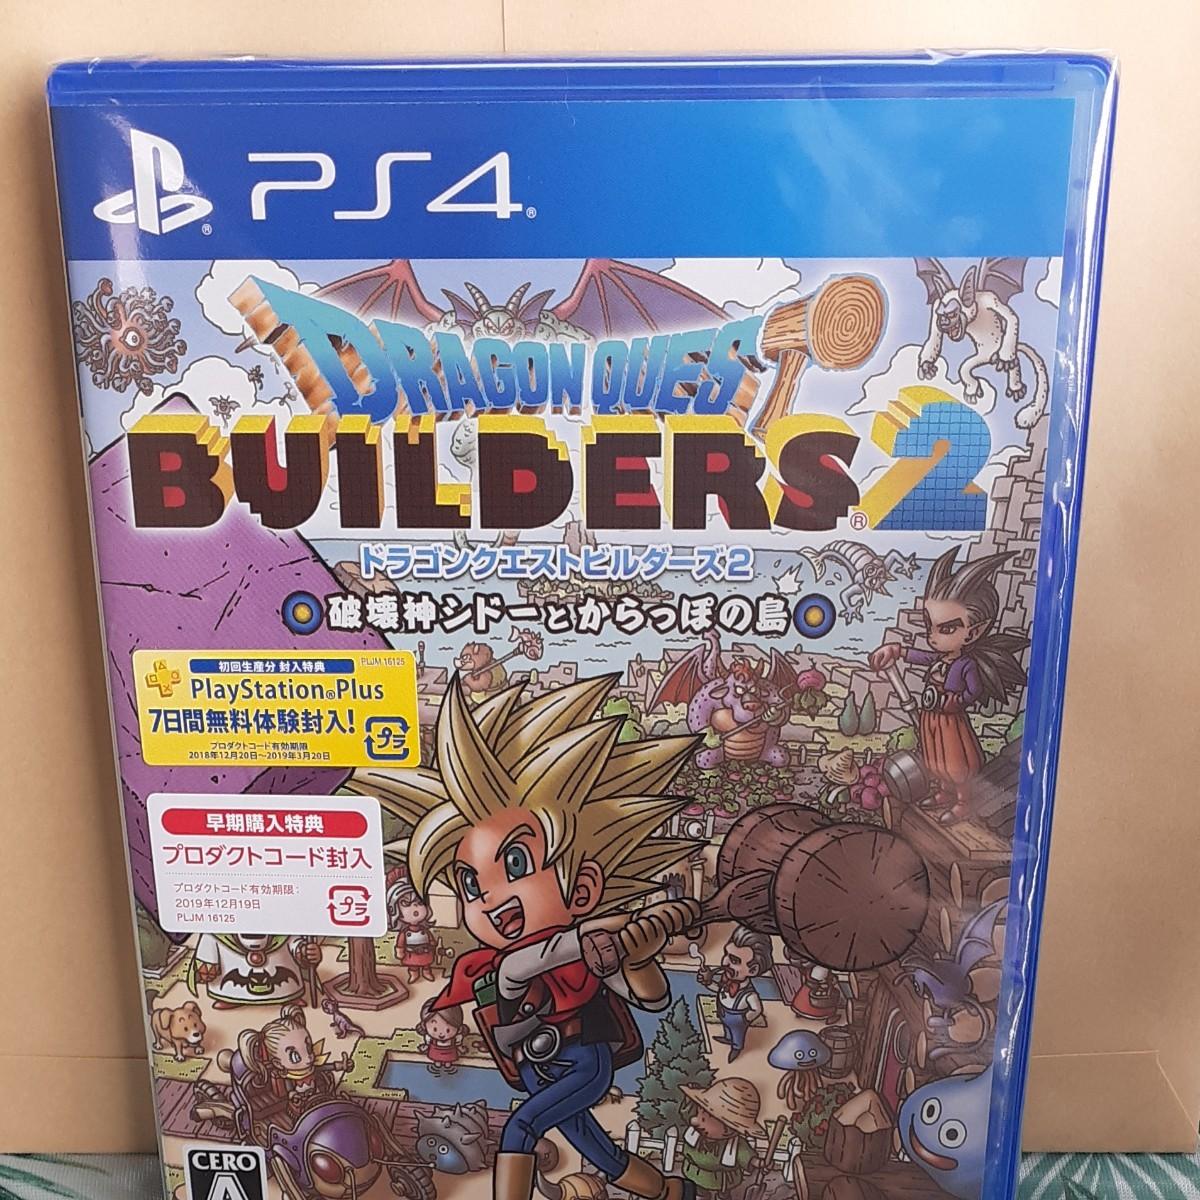 ドラゴンクエストビルダーズ2 PS4 ★新品未開封